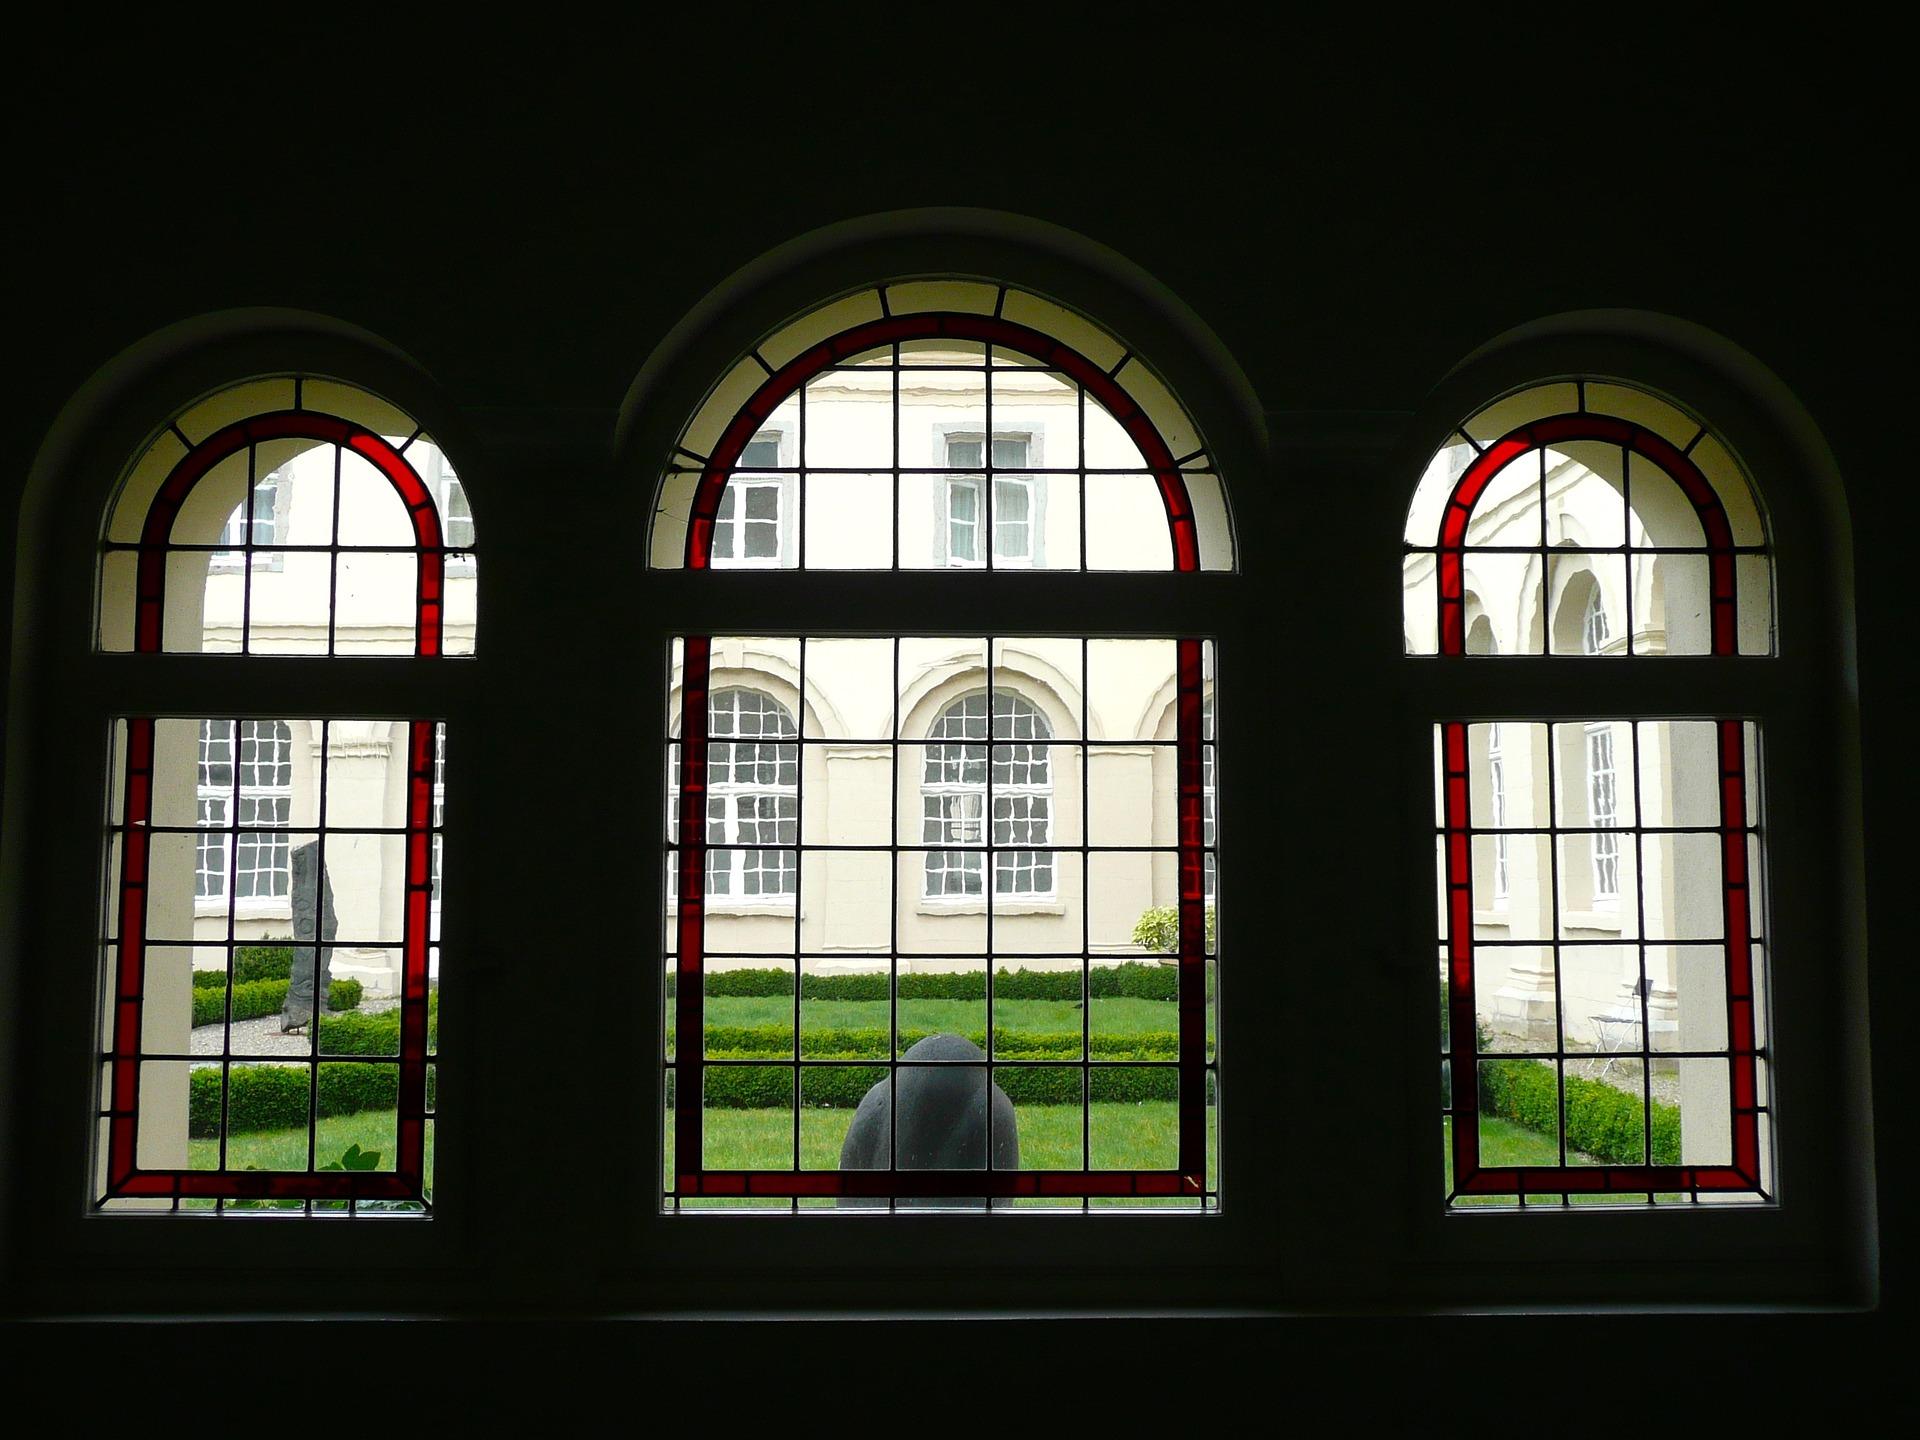 kloster-knechtsteden-856579_1920